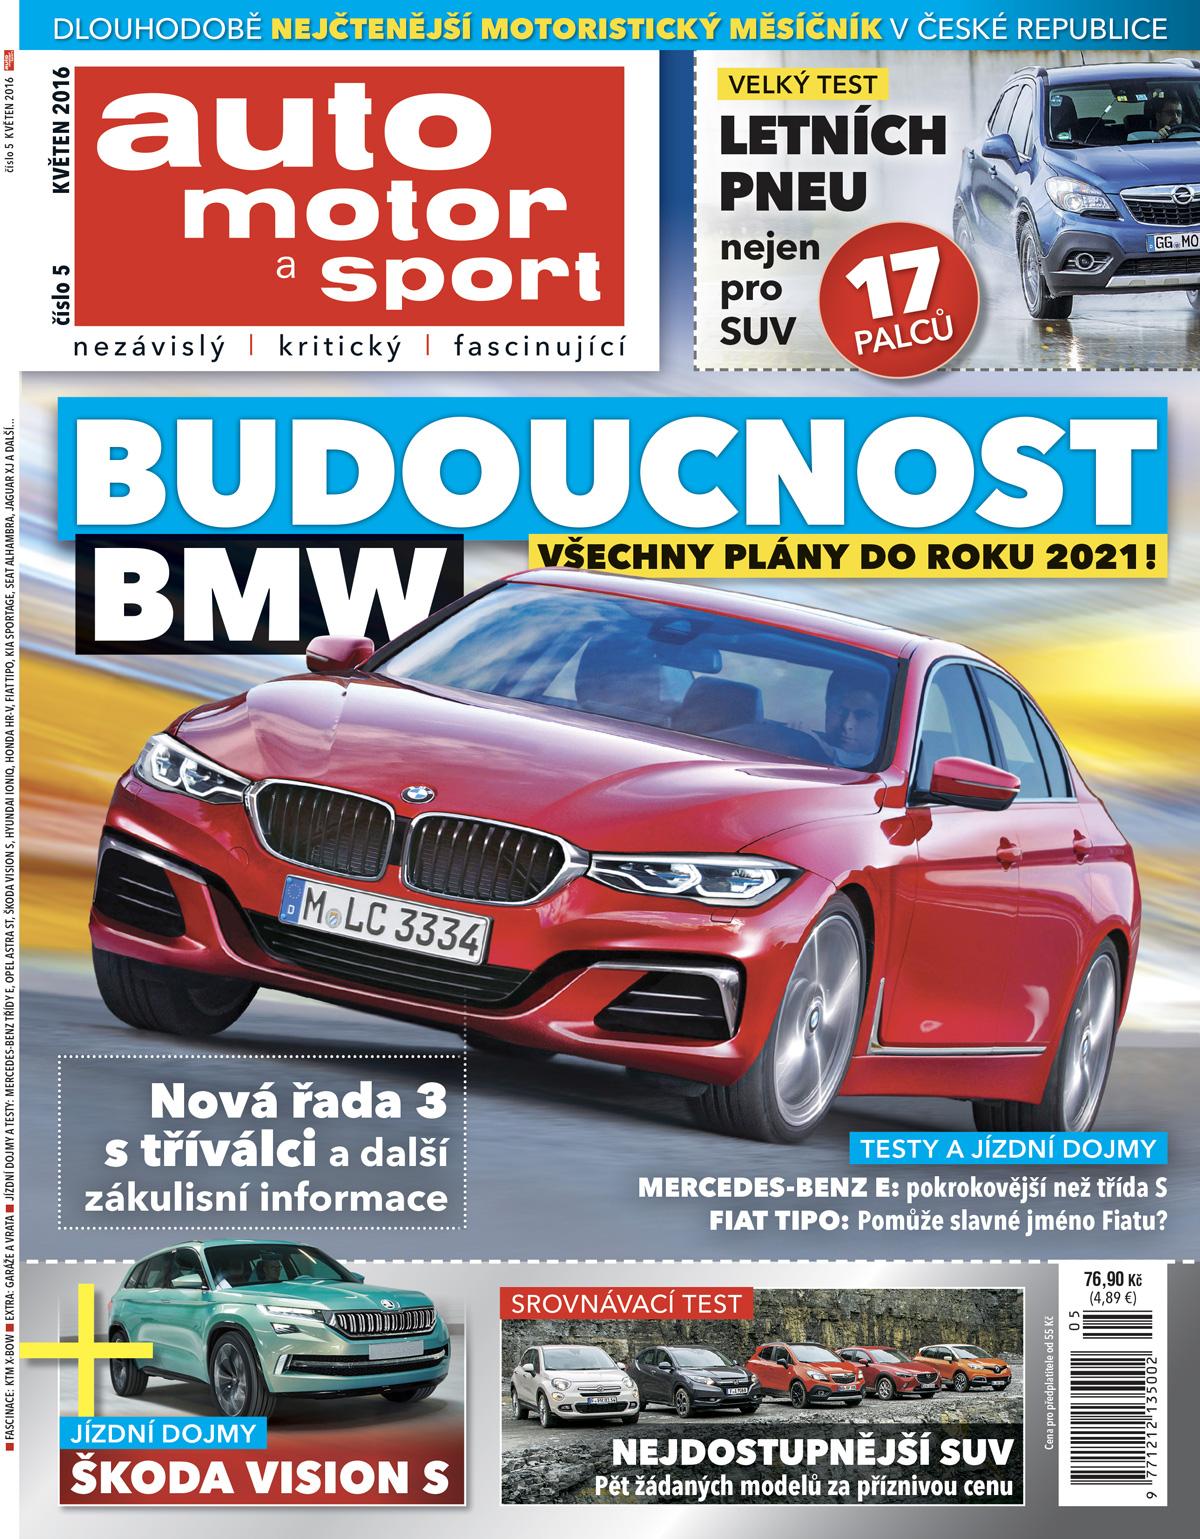 Obálka časopisu auto motor a sport